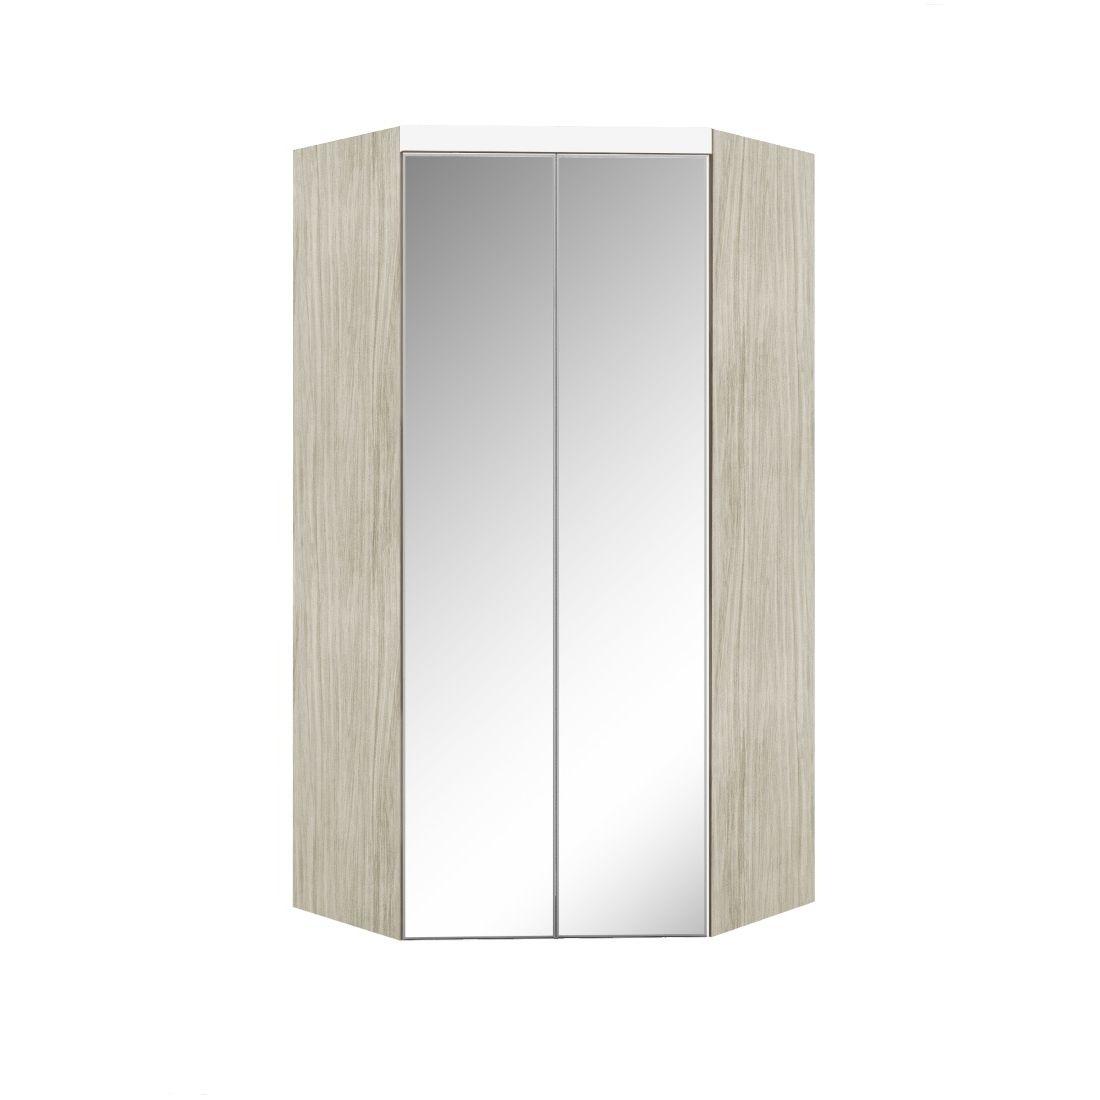 Armário Modulado Supreme Canto Closet Com Gavetas e Espelho Rovere e Branco Madeirado Robel Móveis